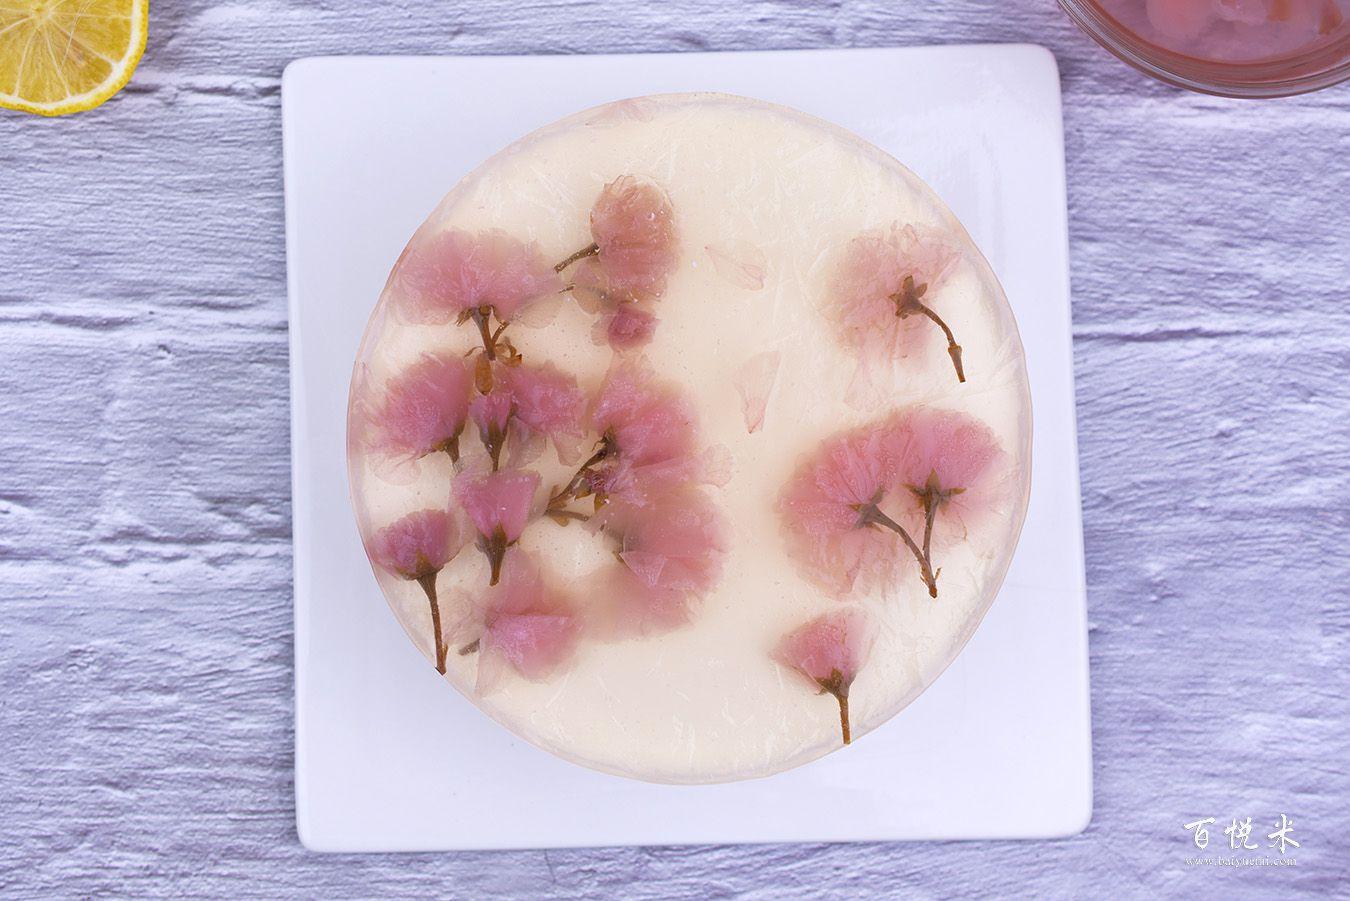 樱花酸奶慕斯高清图片大全【蛋糕图片】_1037